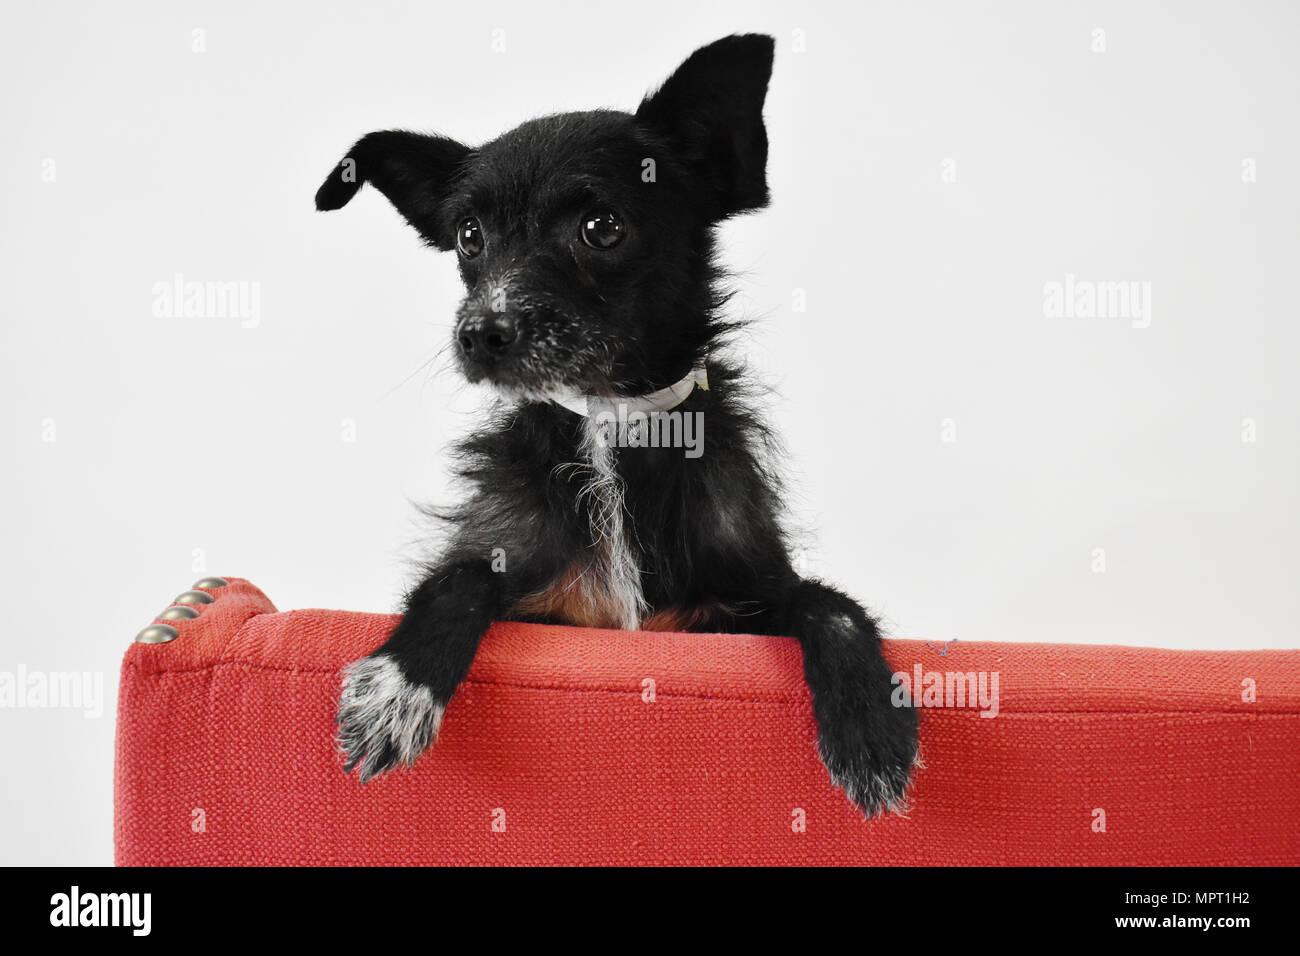 Kleiner Schwarzer Hund Auf Roter Stuhl Auf Weiß In Studio Isoliert